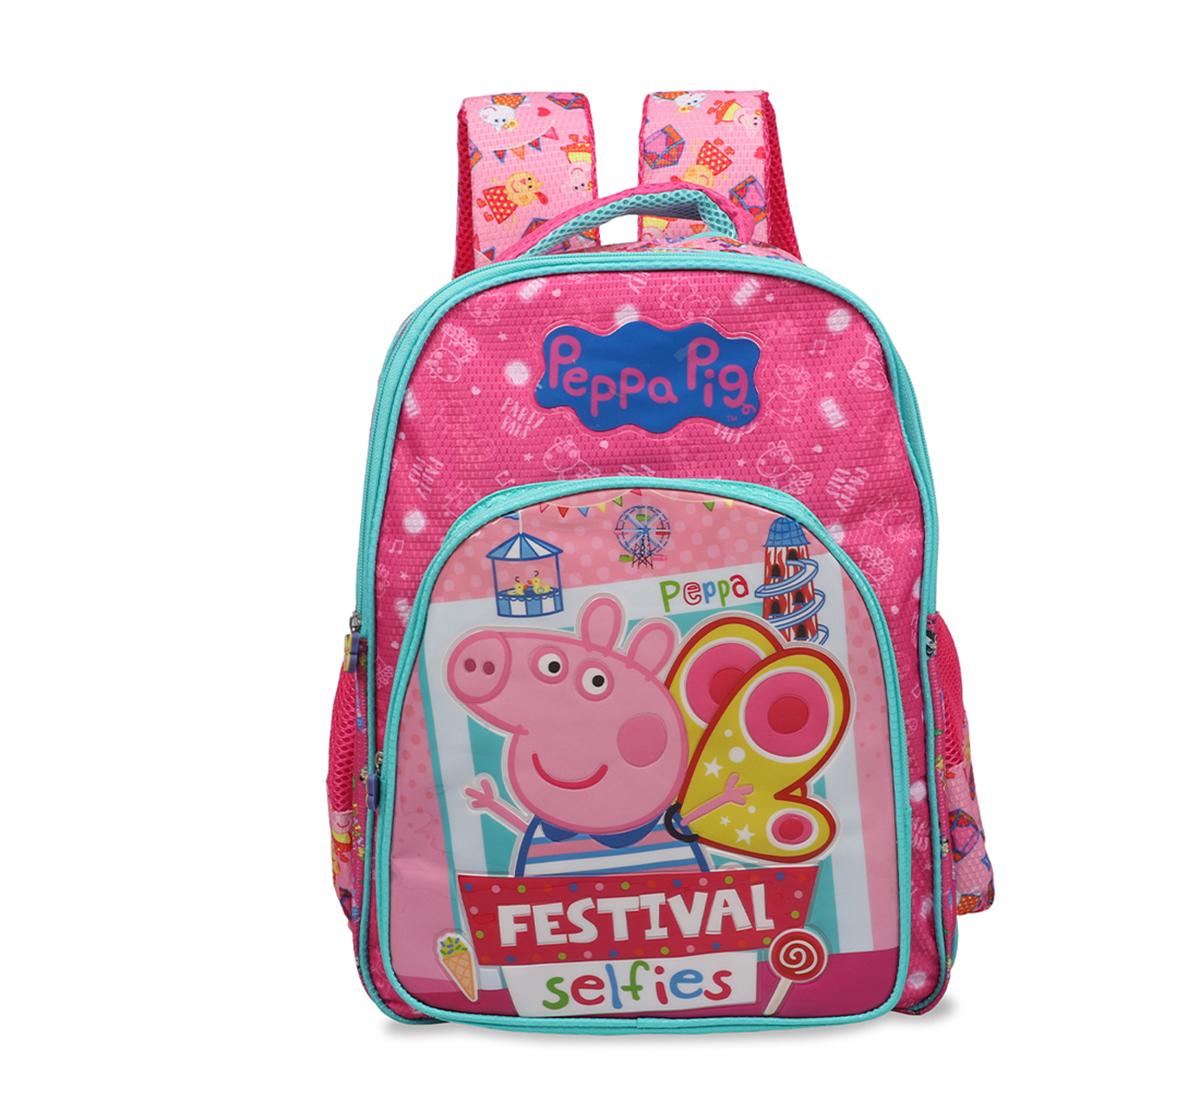 Peppa Pig | Peppa Pig Festival Selfies School Bag 36 Cm for Kids age 3Y+ (Pink)